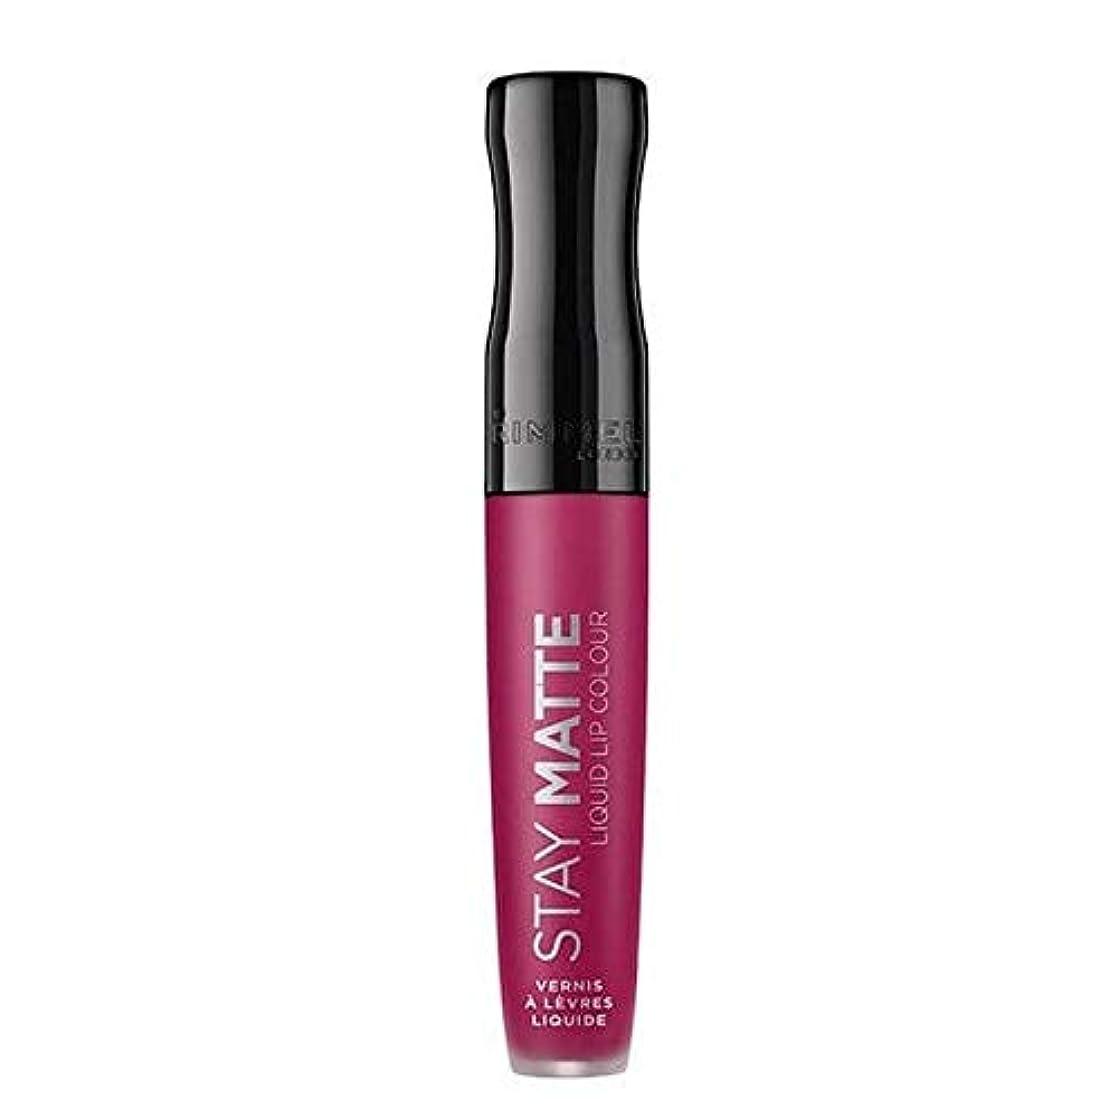 偽物豪華な窒息させる[Rimmel ] リンメルステイマット液状口紅ハートビート820 - Rimmel Stay Matte Liquid Lipstick Heartbeat 820 [並行輸入品]